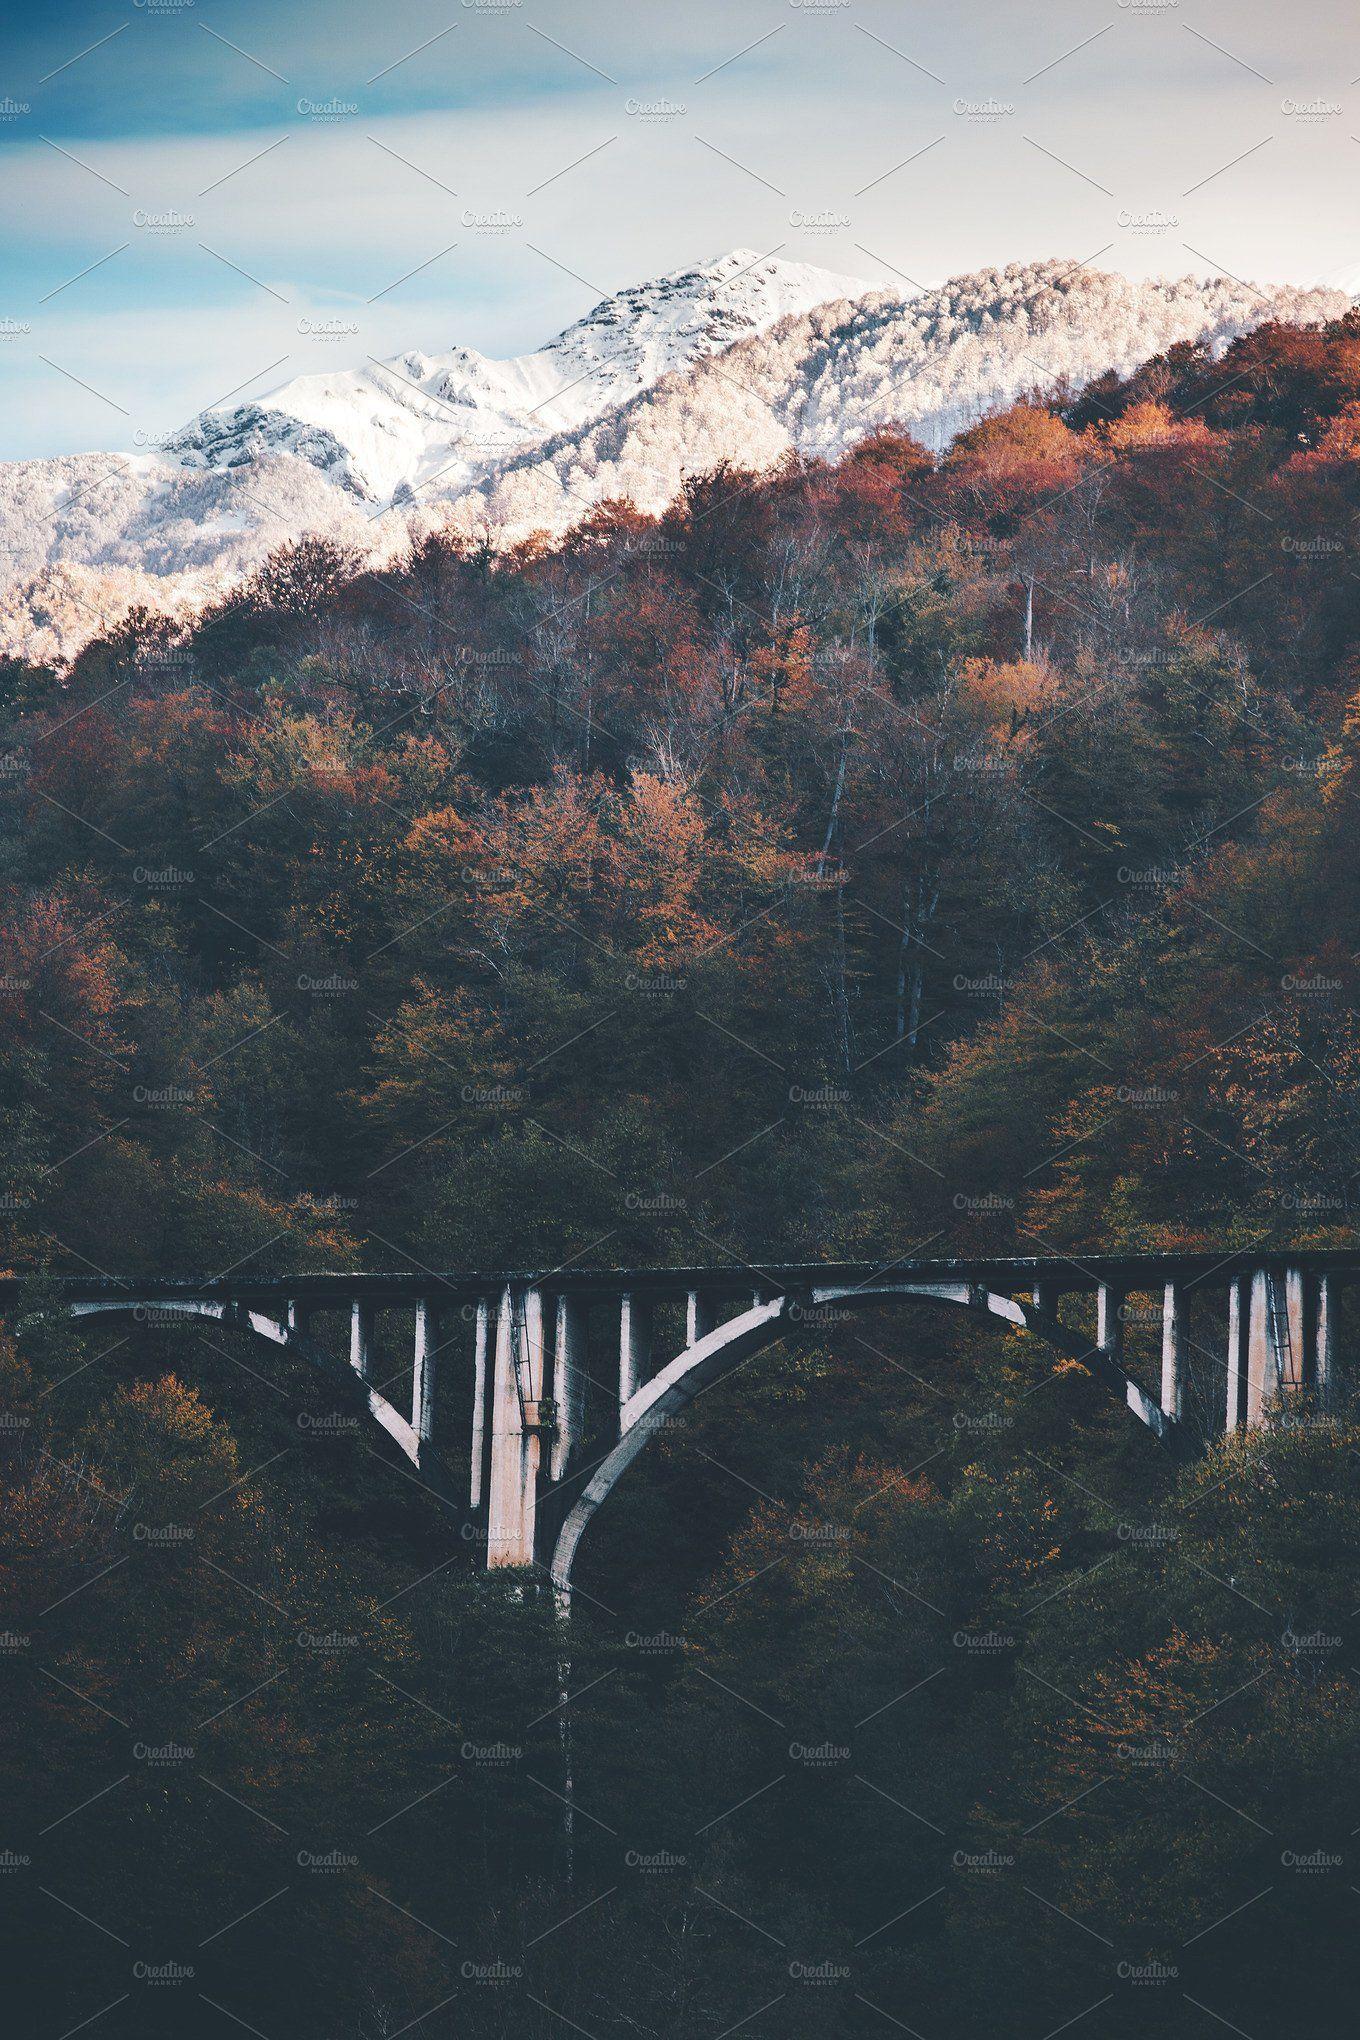 Railway Bridge And Snowy Mountains Railway Bridges Snowy Mountains Nature Photos